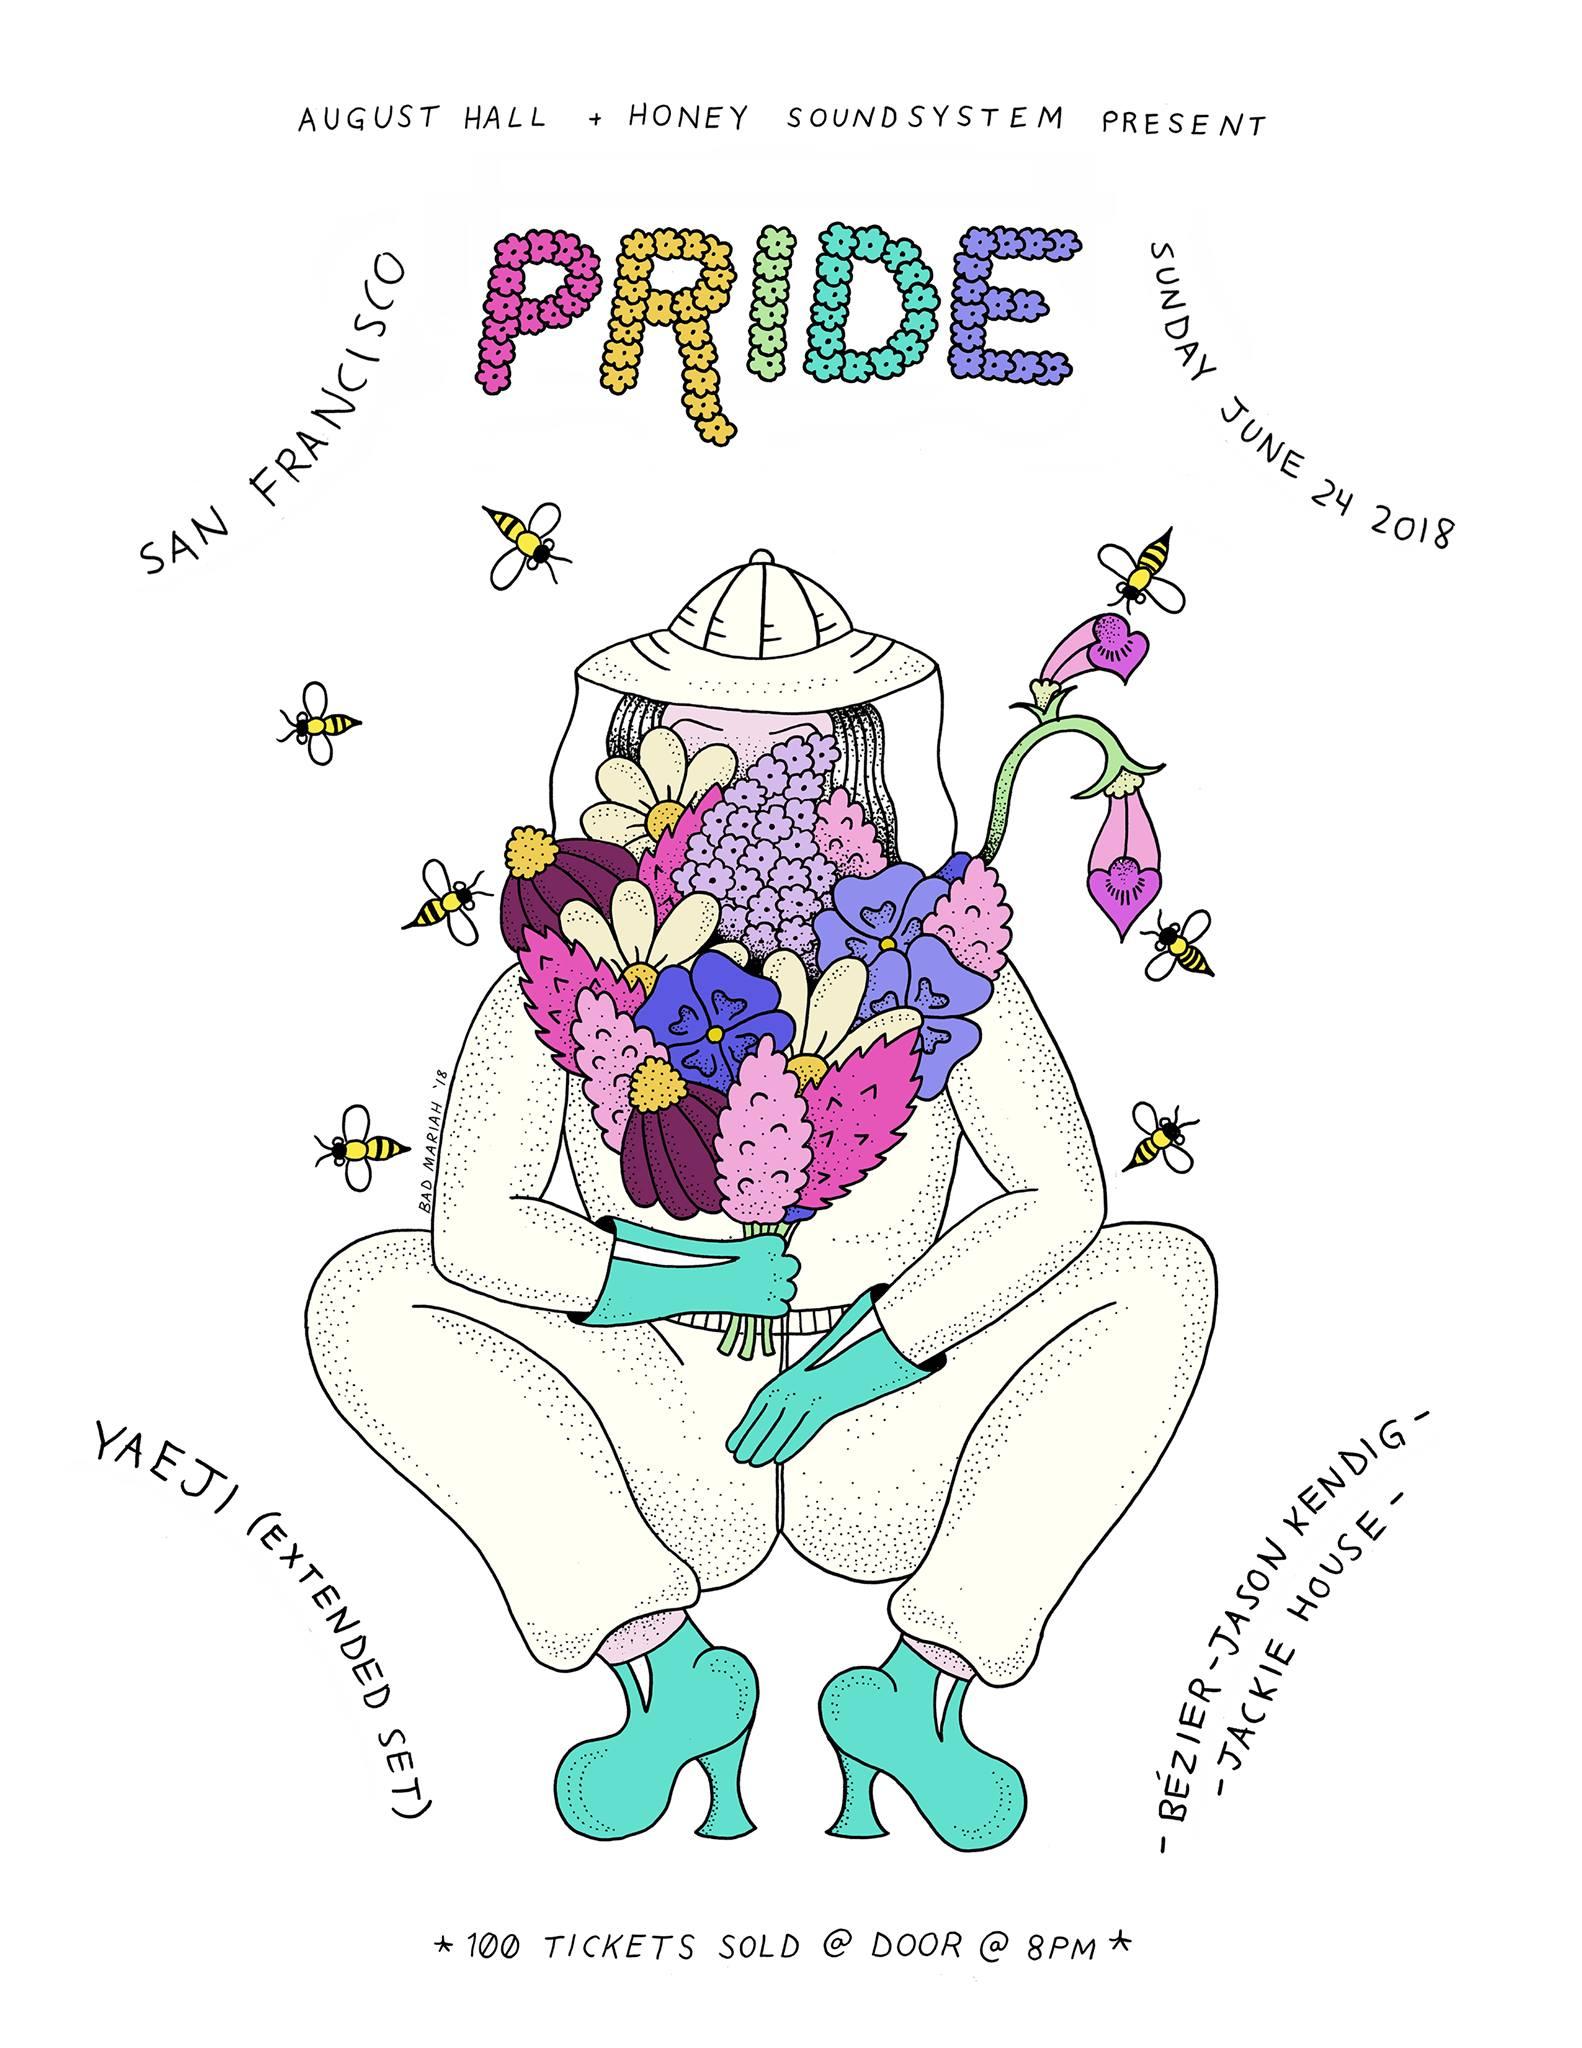 Honey Soundsystem Pride 2018